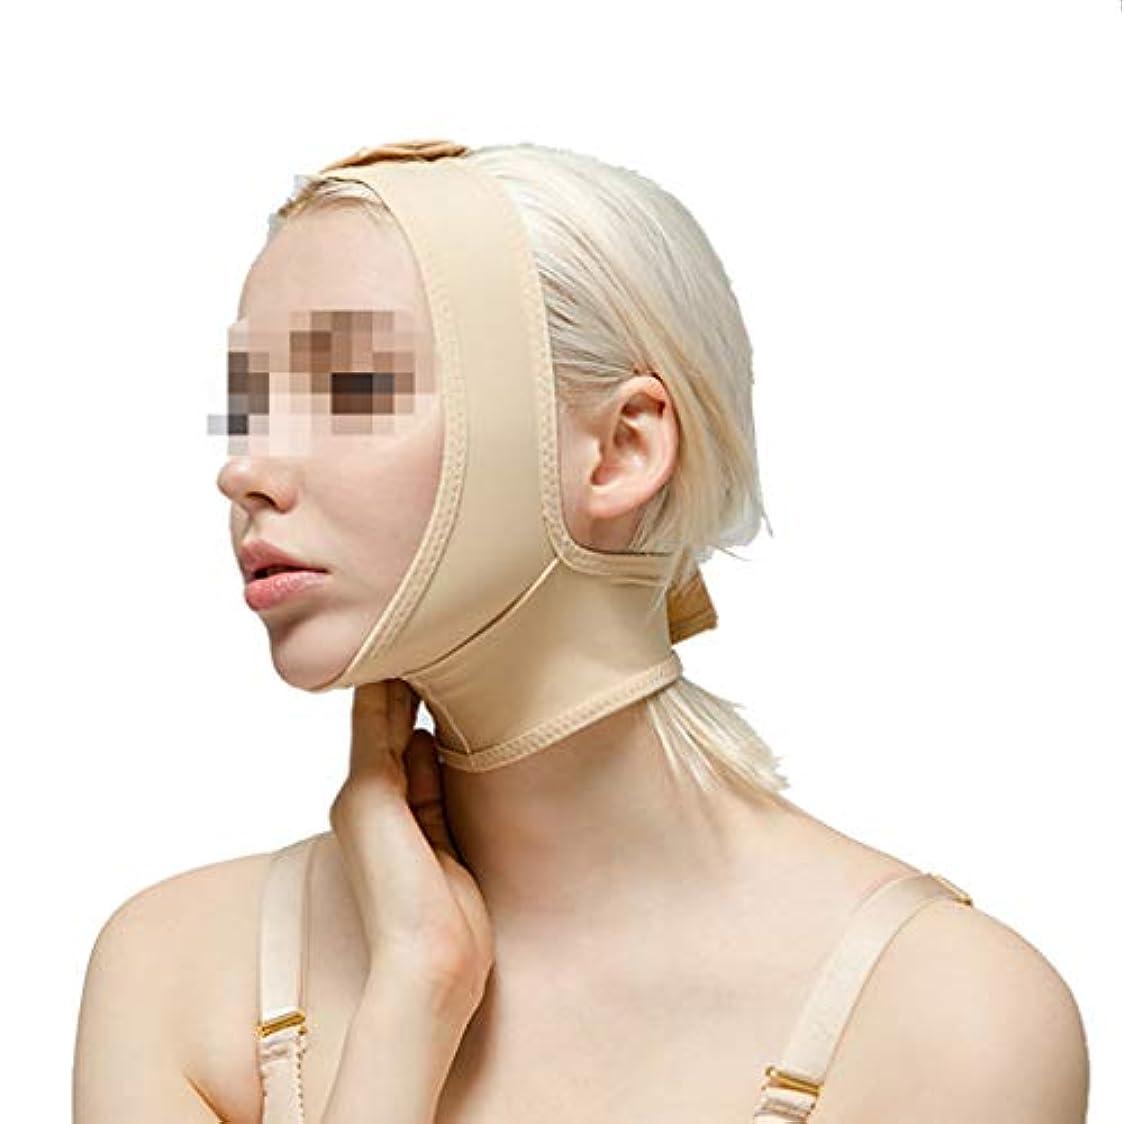 グリーンバック他の場所ラインXHLMRMJ 術後の弾性スリーブ、下顎の束フェイス包帯フェイシャルビームダブルチンシンフェイスマスクマルチサイズオプション (Size : XXL)